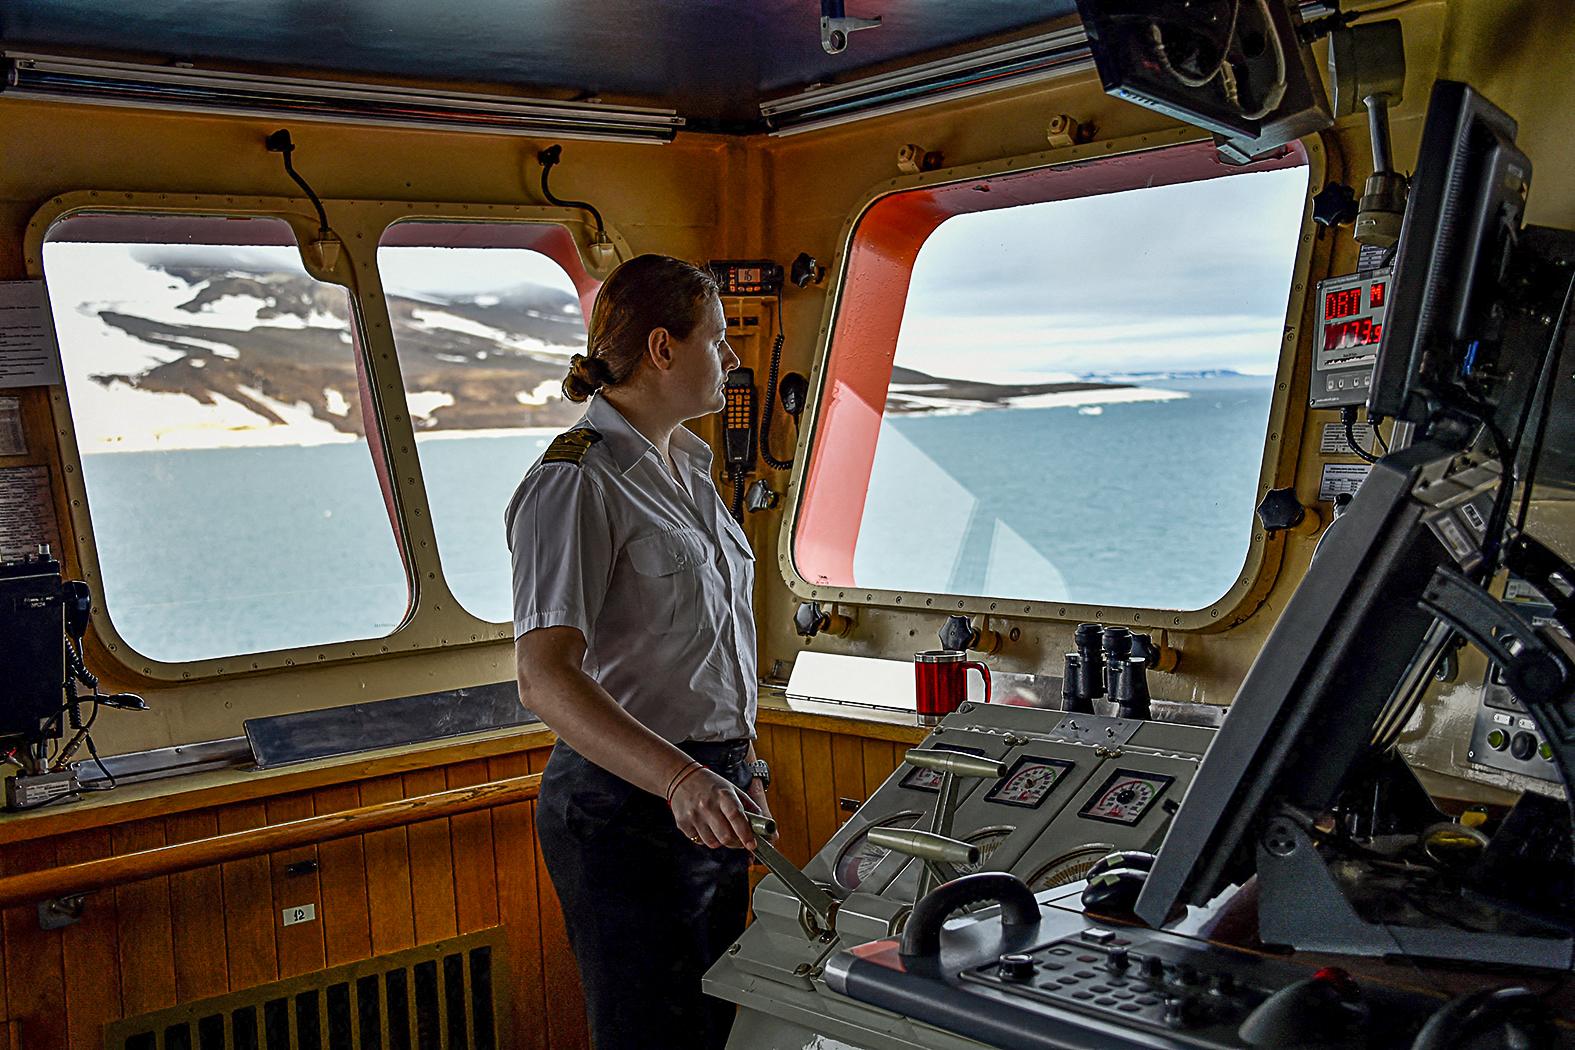 """""""Diána Kidzsi a Roszatomhoz tartozó Atomflot által működtetett atomjégtörőkön az első olyan női parancsnok a hídon, aki megtörte a hagyományos férfiuralmat"""" #moszkvater"""